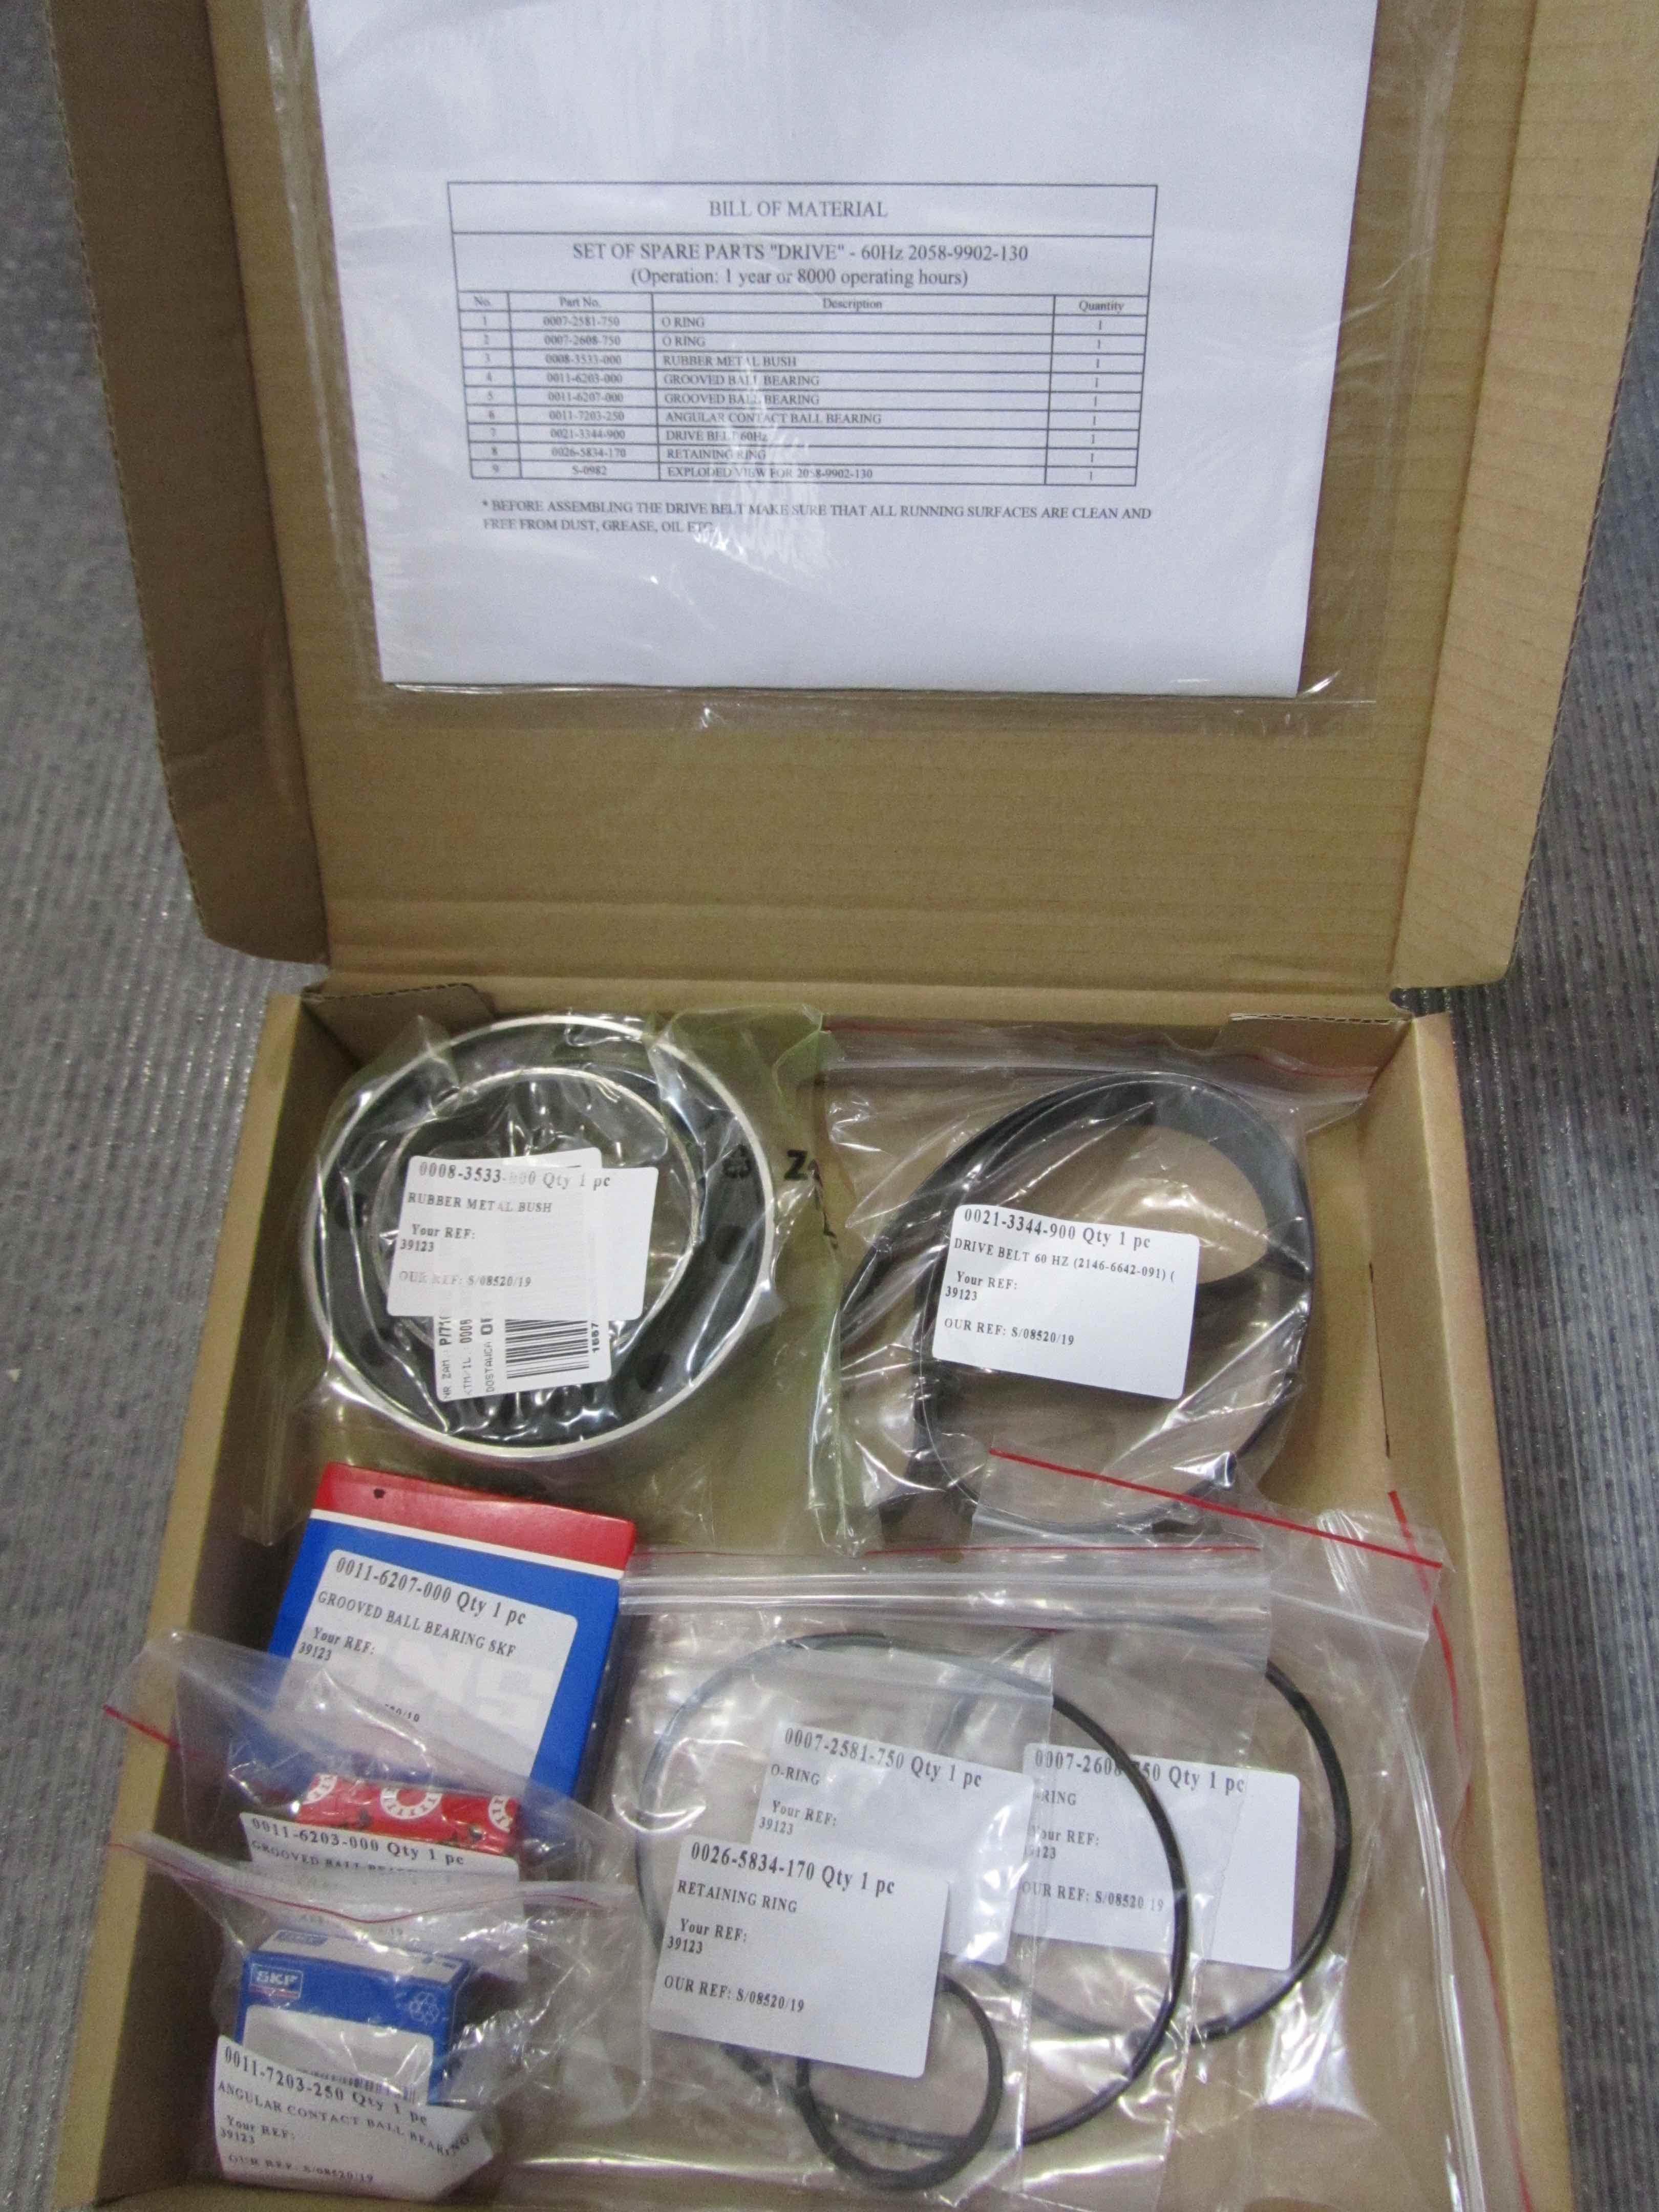 2058-9902-130 Kit